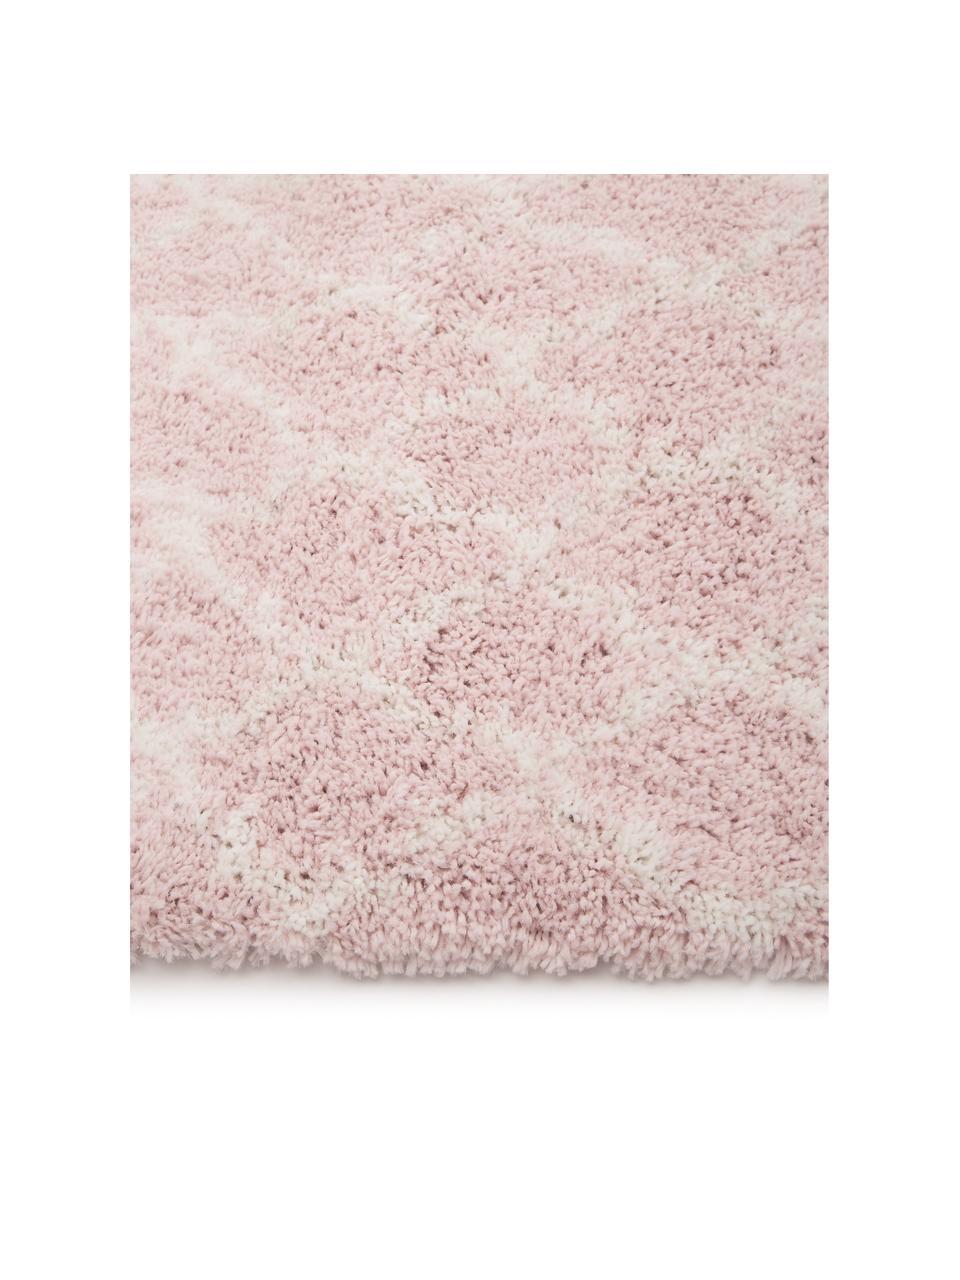 Tappeto a pelo lungo rosa cipria/crema Mona, Retro: 78% juta, 14% cotone, 8% , Rosa cipria, bianco crema, Larg. 300 x Lung. 400 cm (taglia XL)